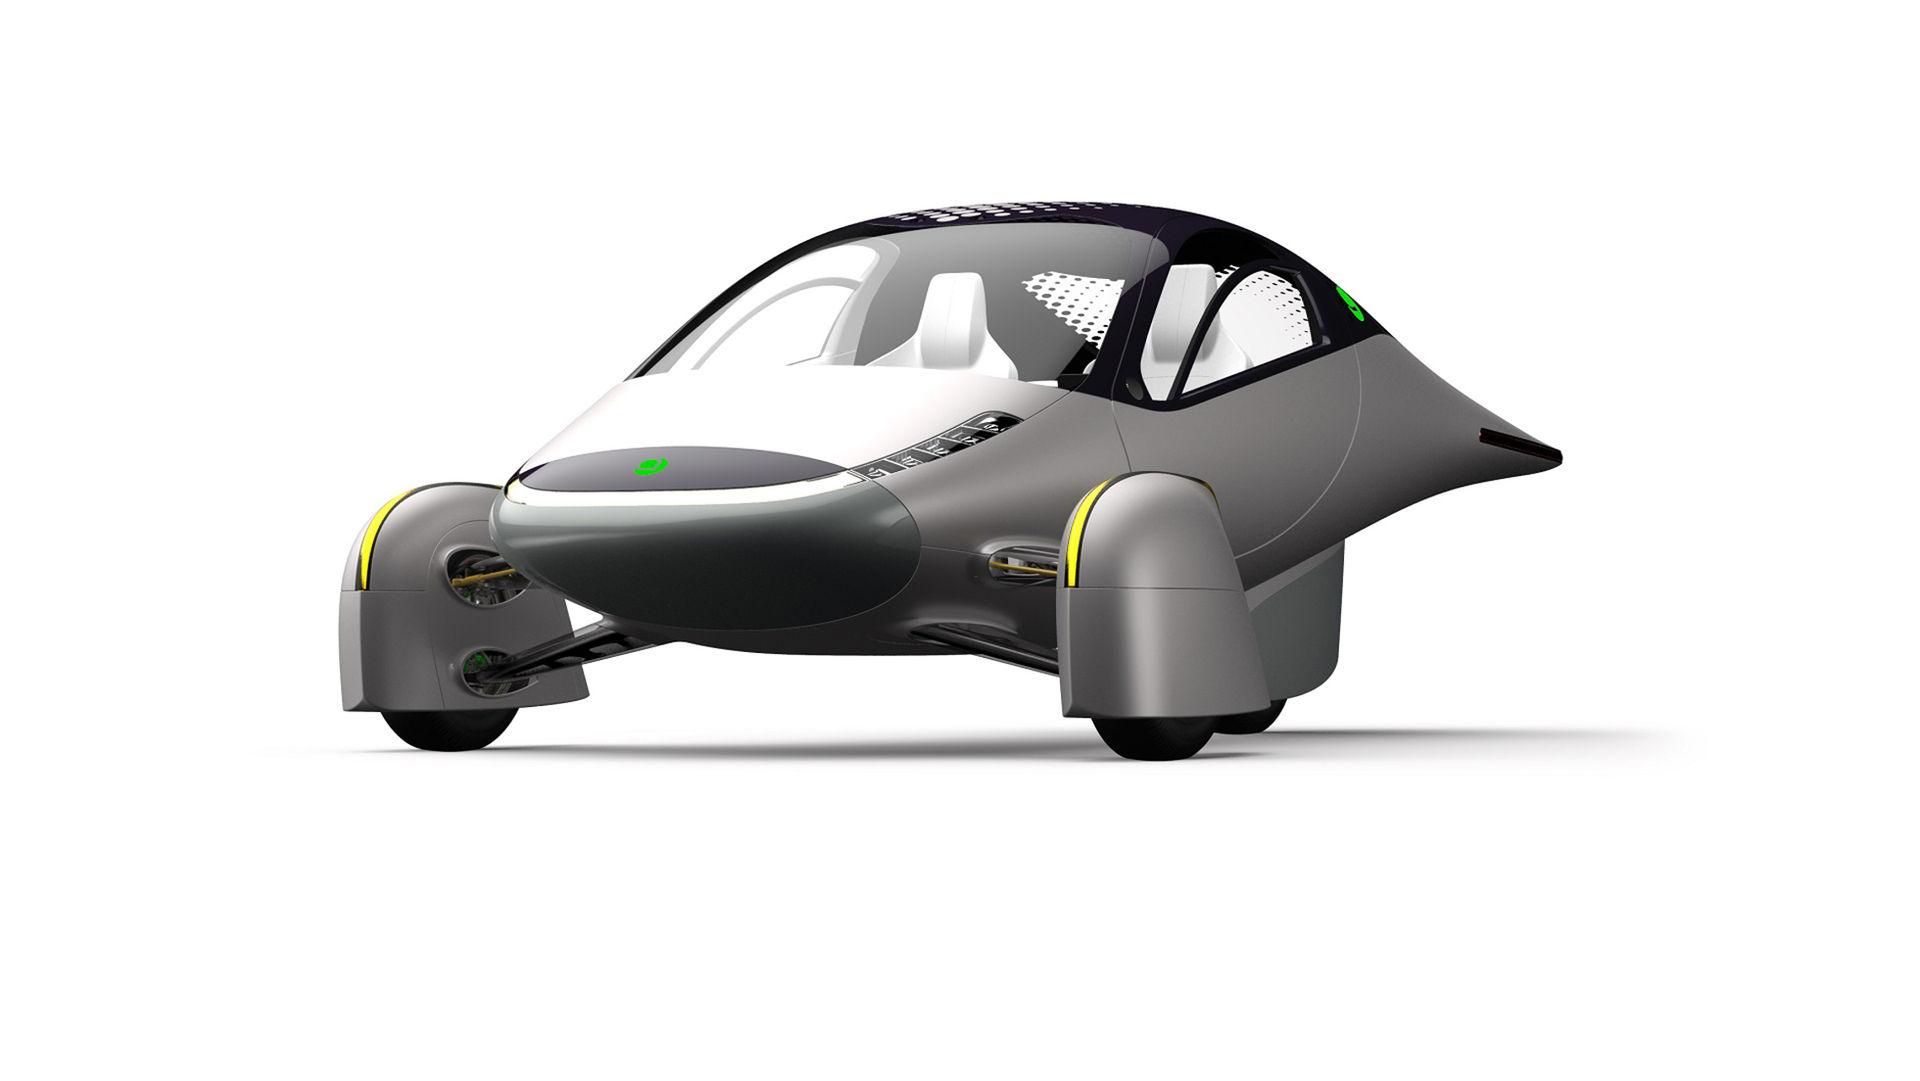 Apteras nya elbil ska ha 160 mil som räckvidd